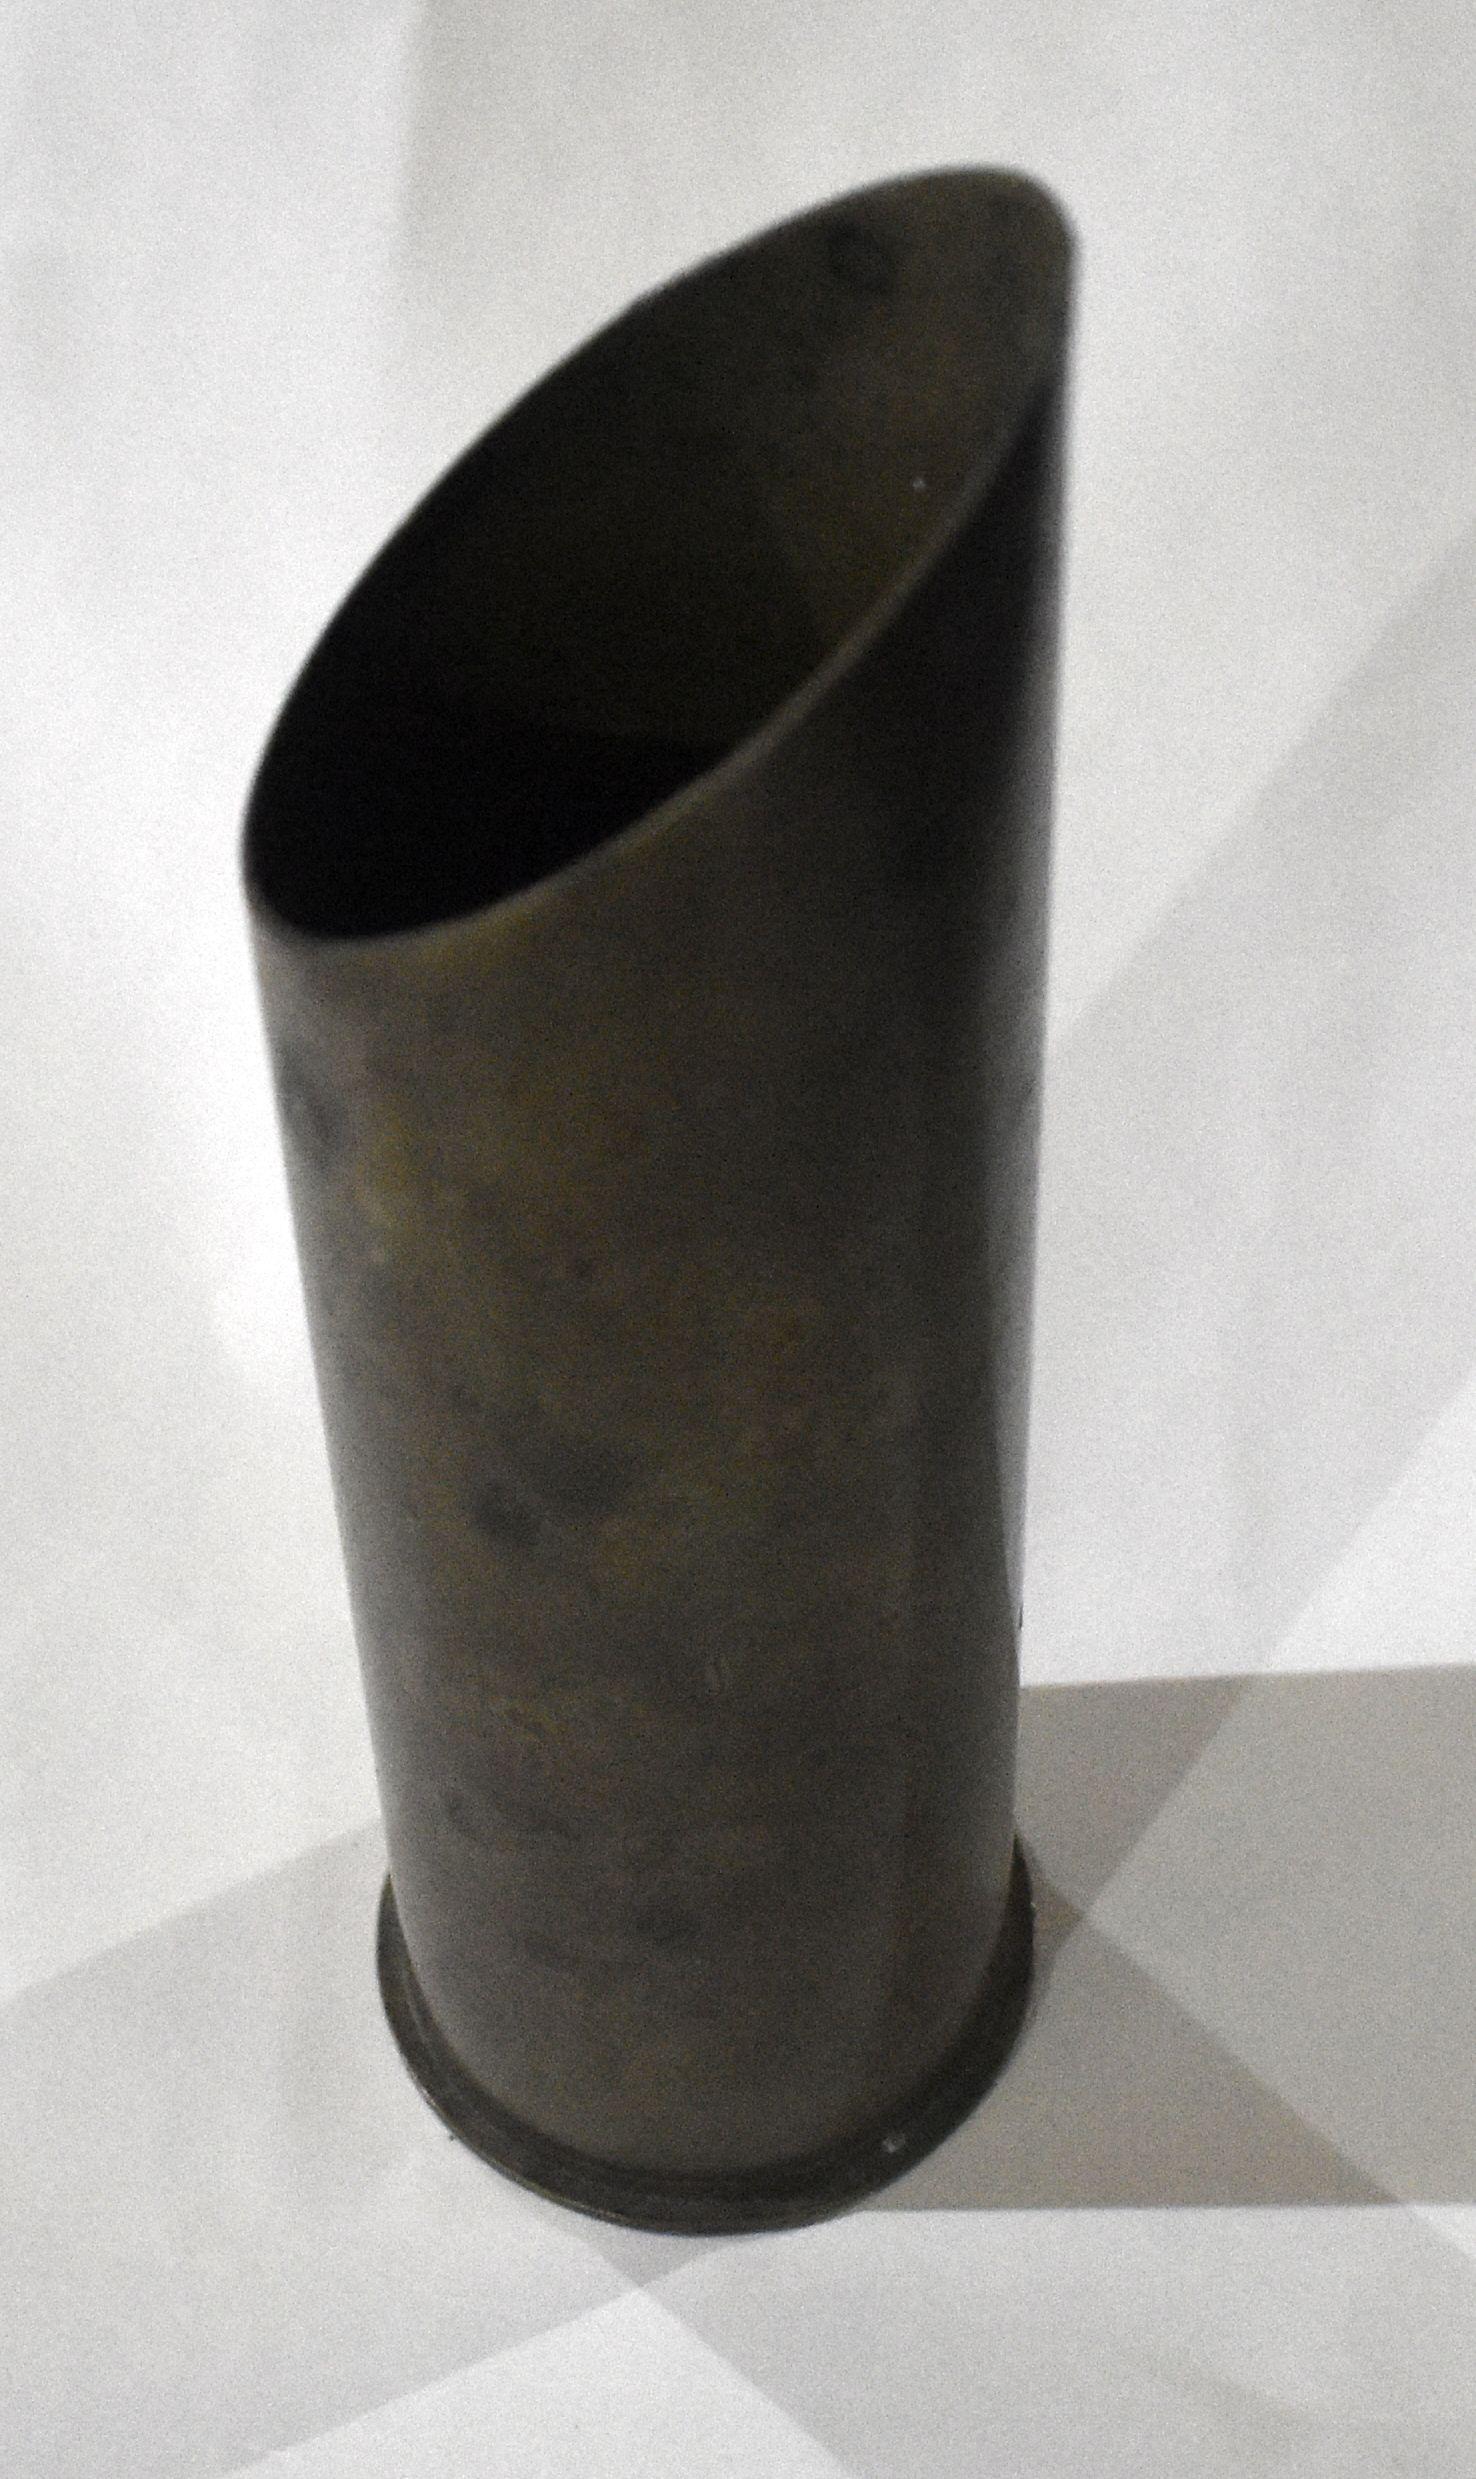 Речі. Підставка для олівців з артилерійської гільзи (військо-польовий арт)